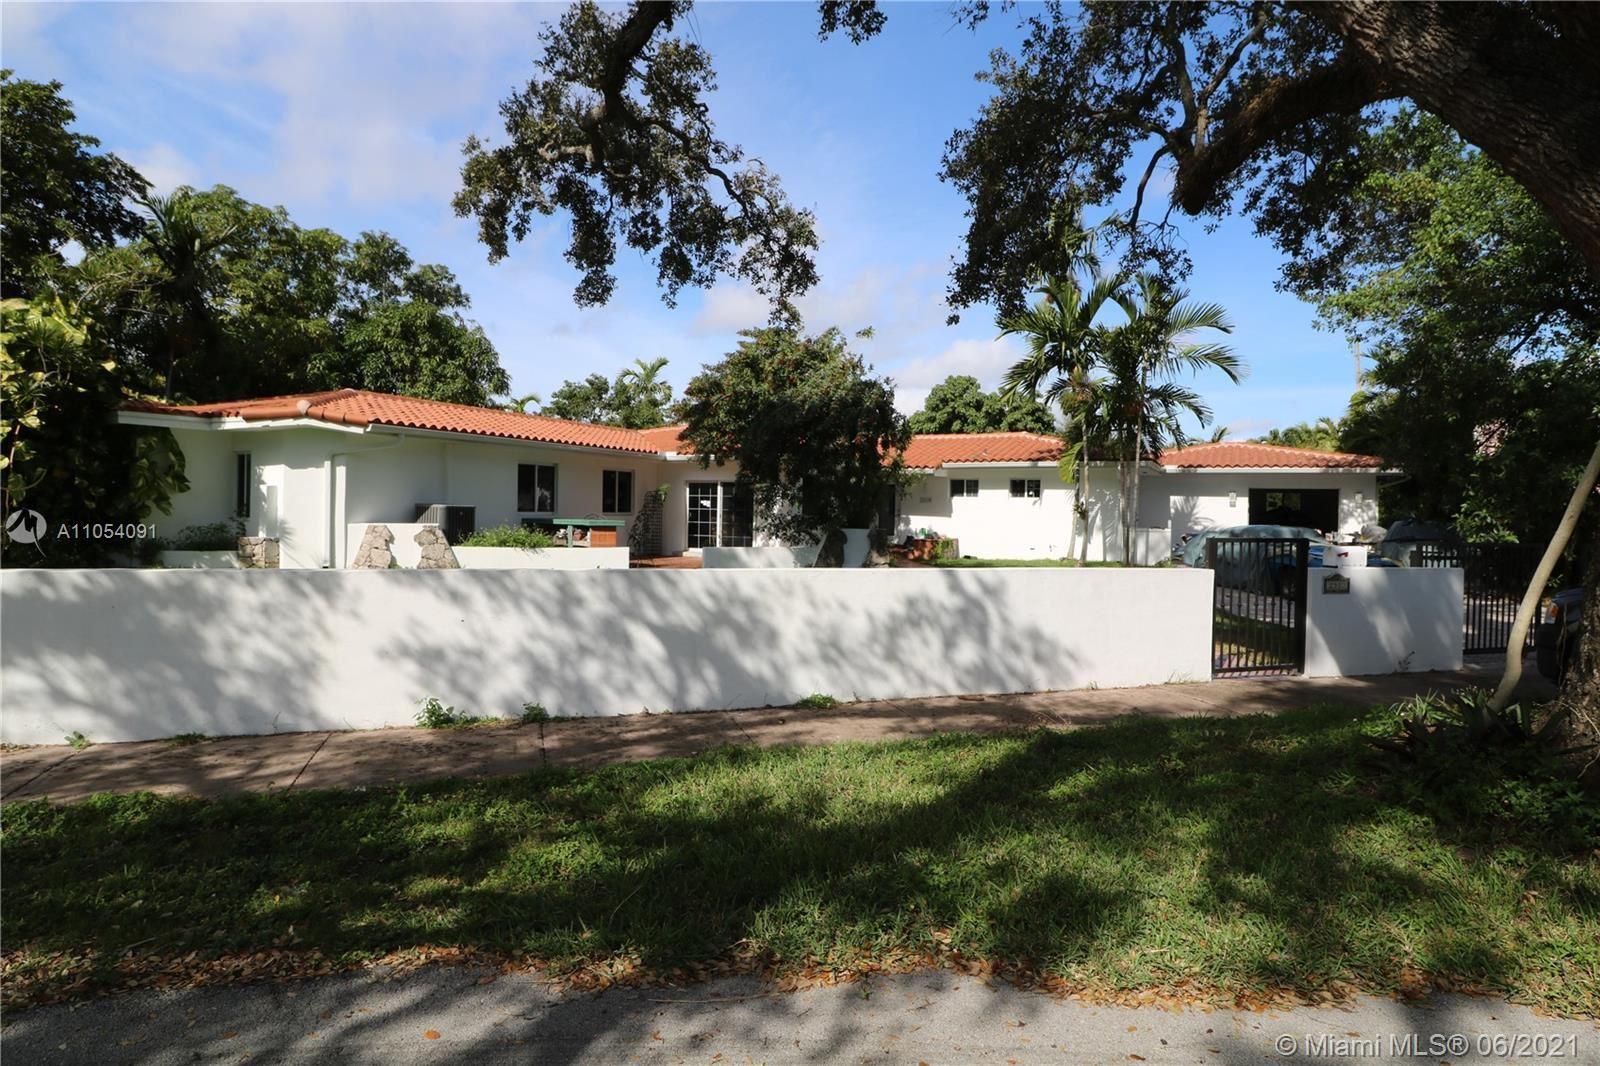 2310 Country Club Prado, Coral Gables, FL 33134 - #: A11054091